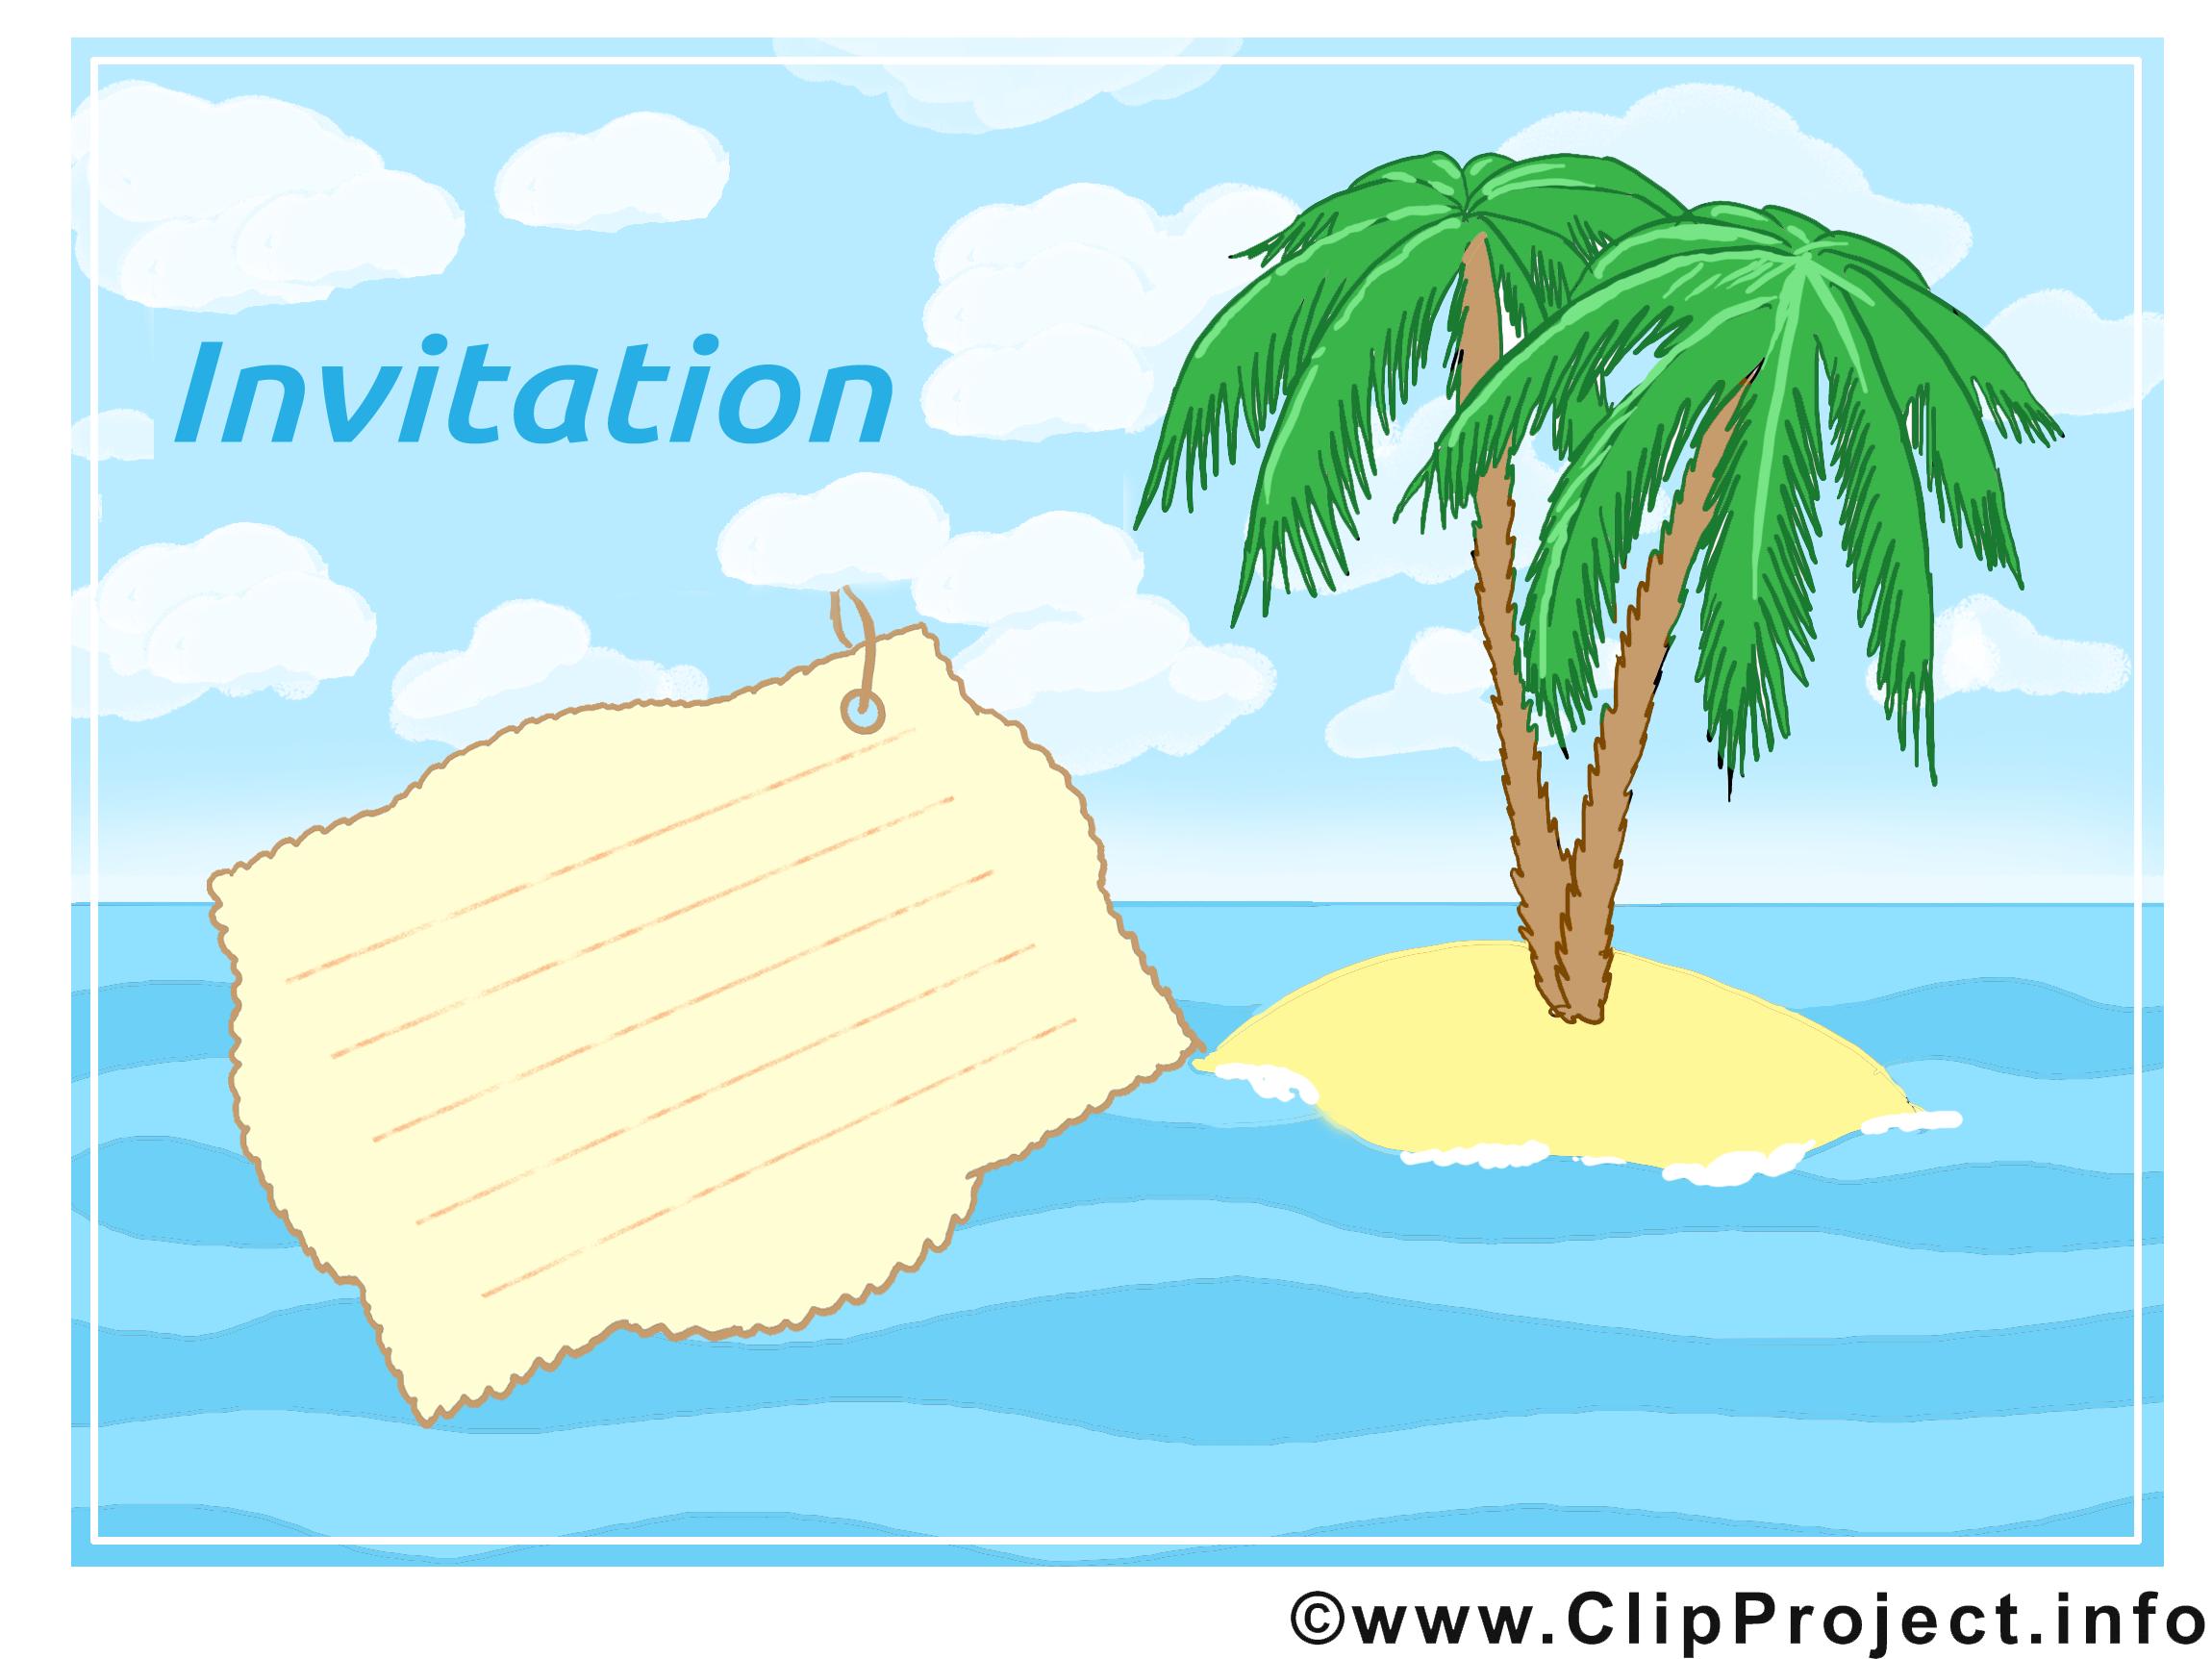 île clip art gratuit – Invitation images